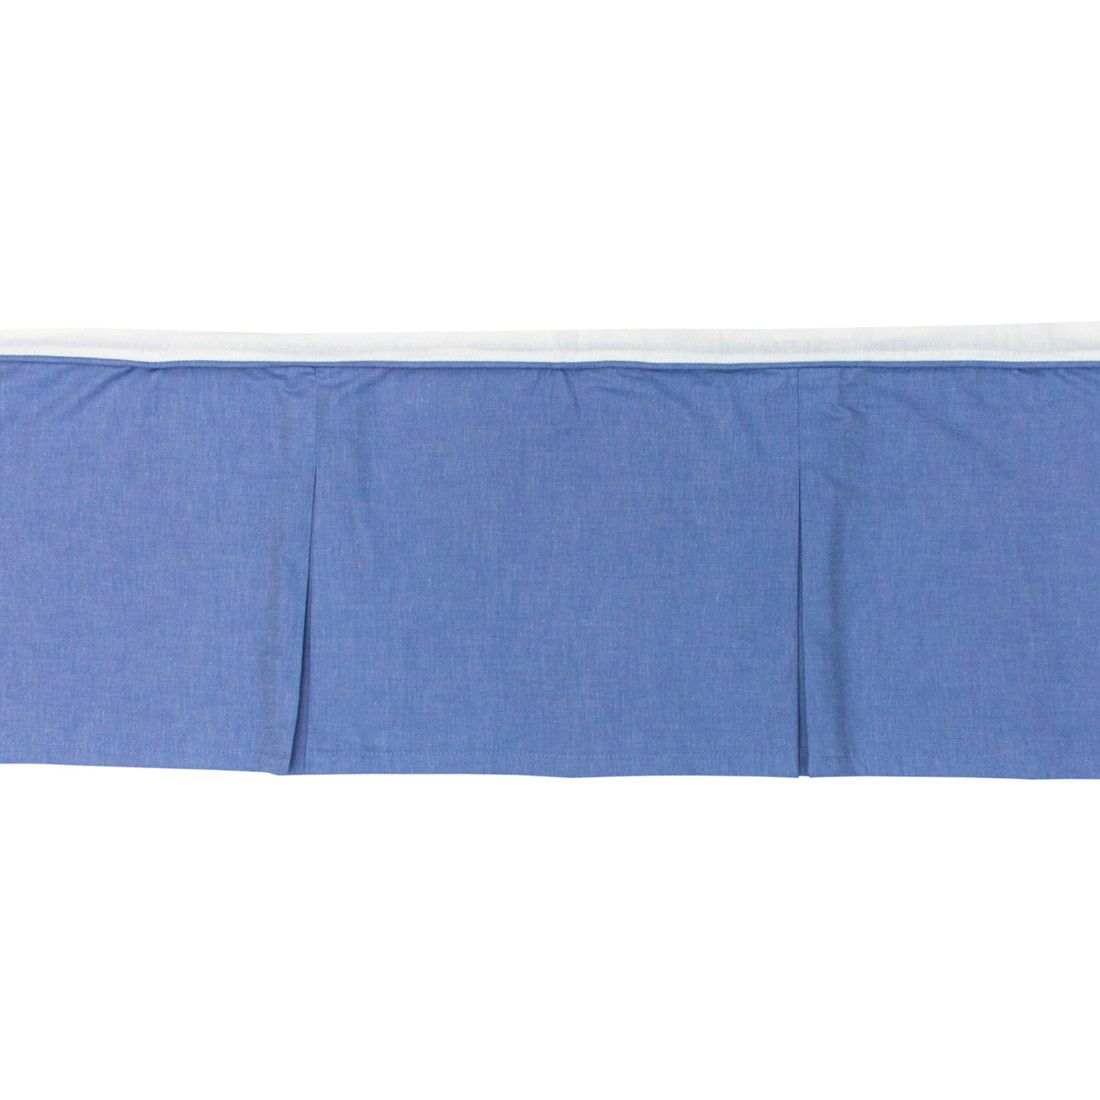 Saia berço padrão americano azul jeans